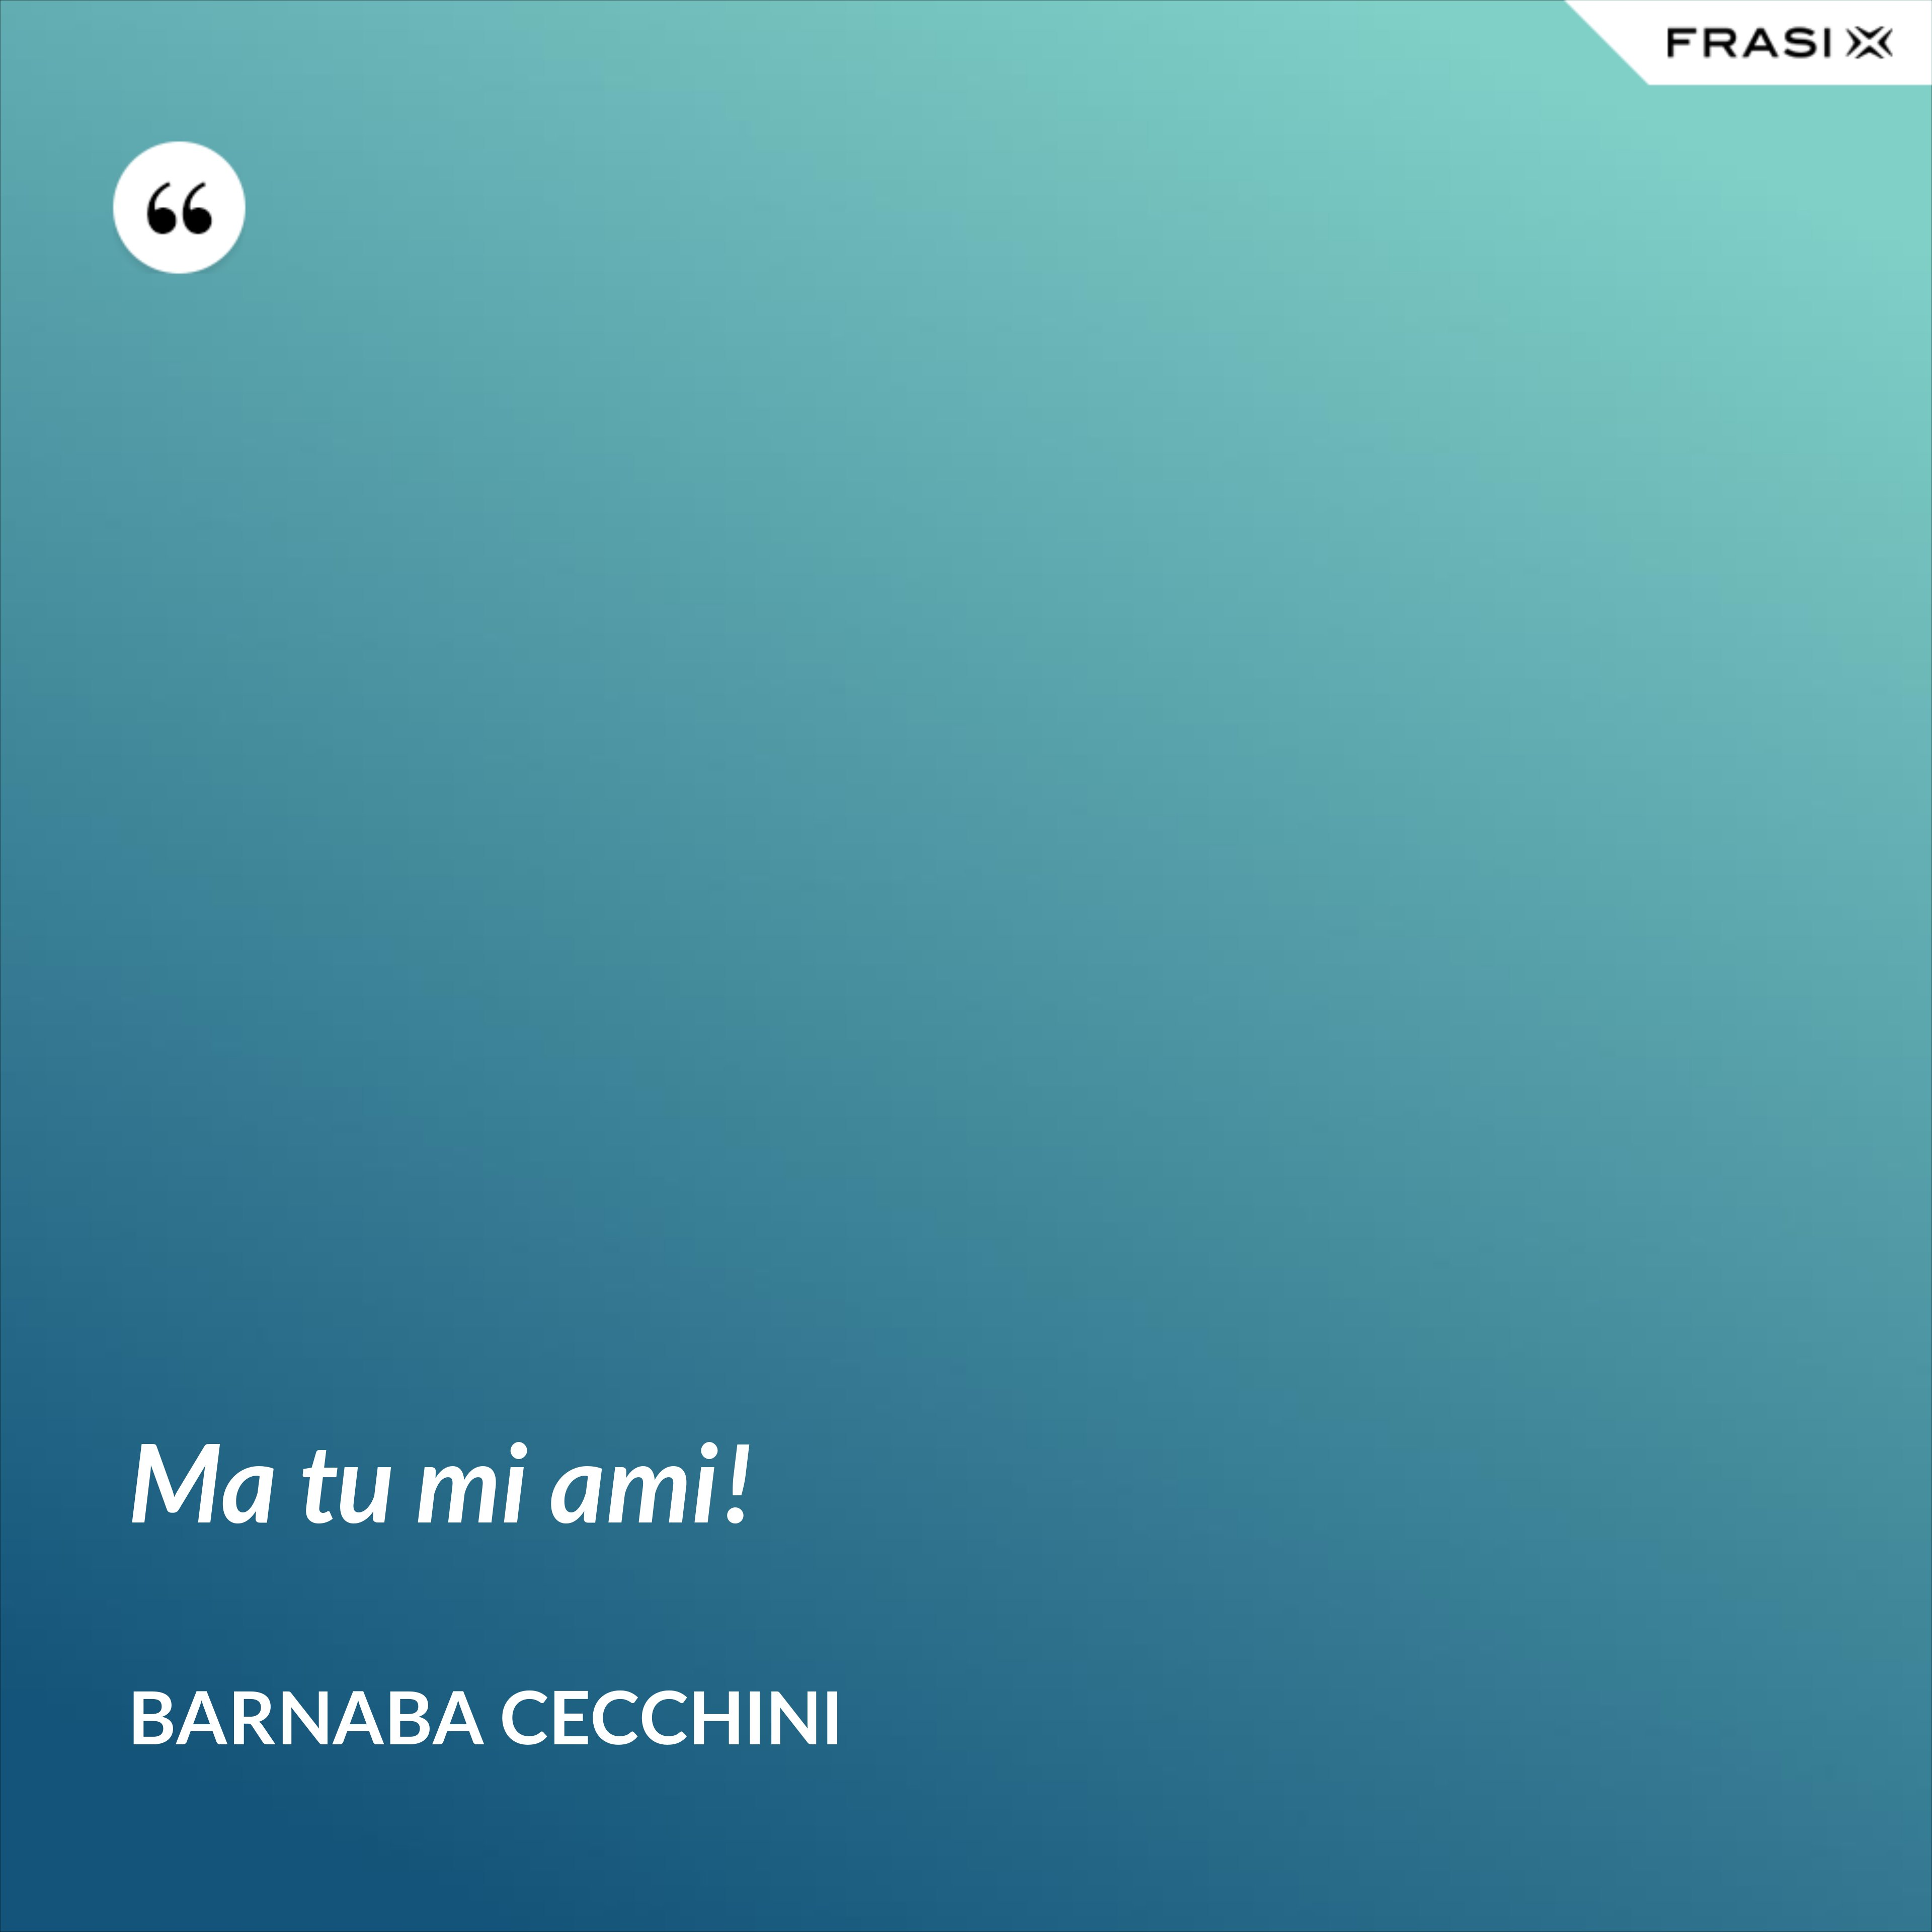 Ma tu mi ami! - Barnaba Cecchini